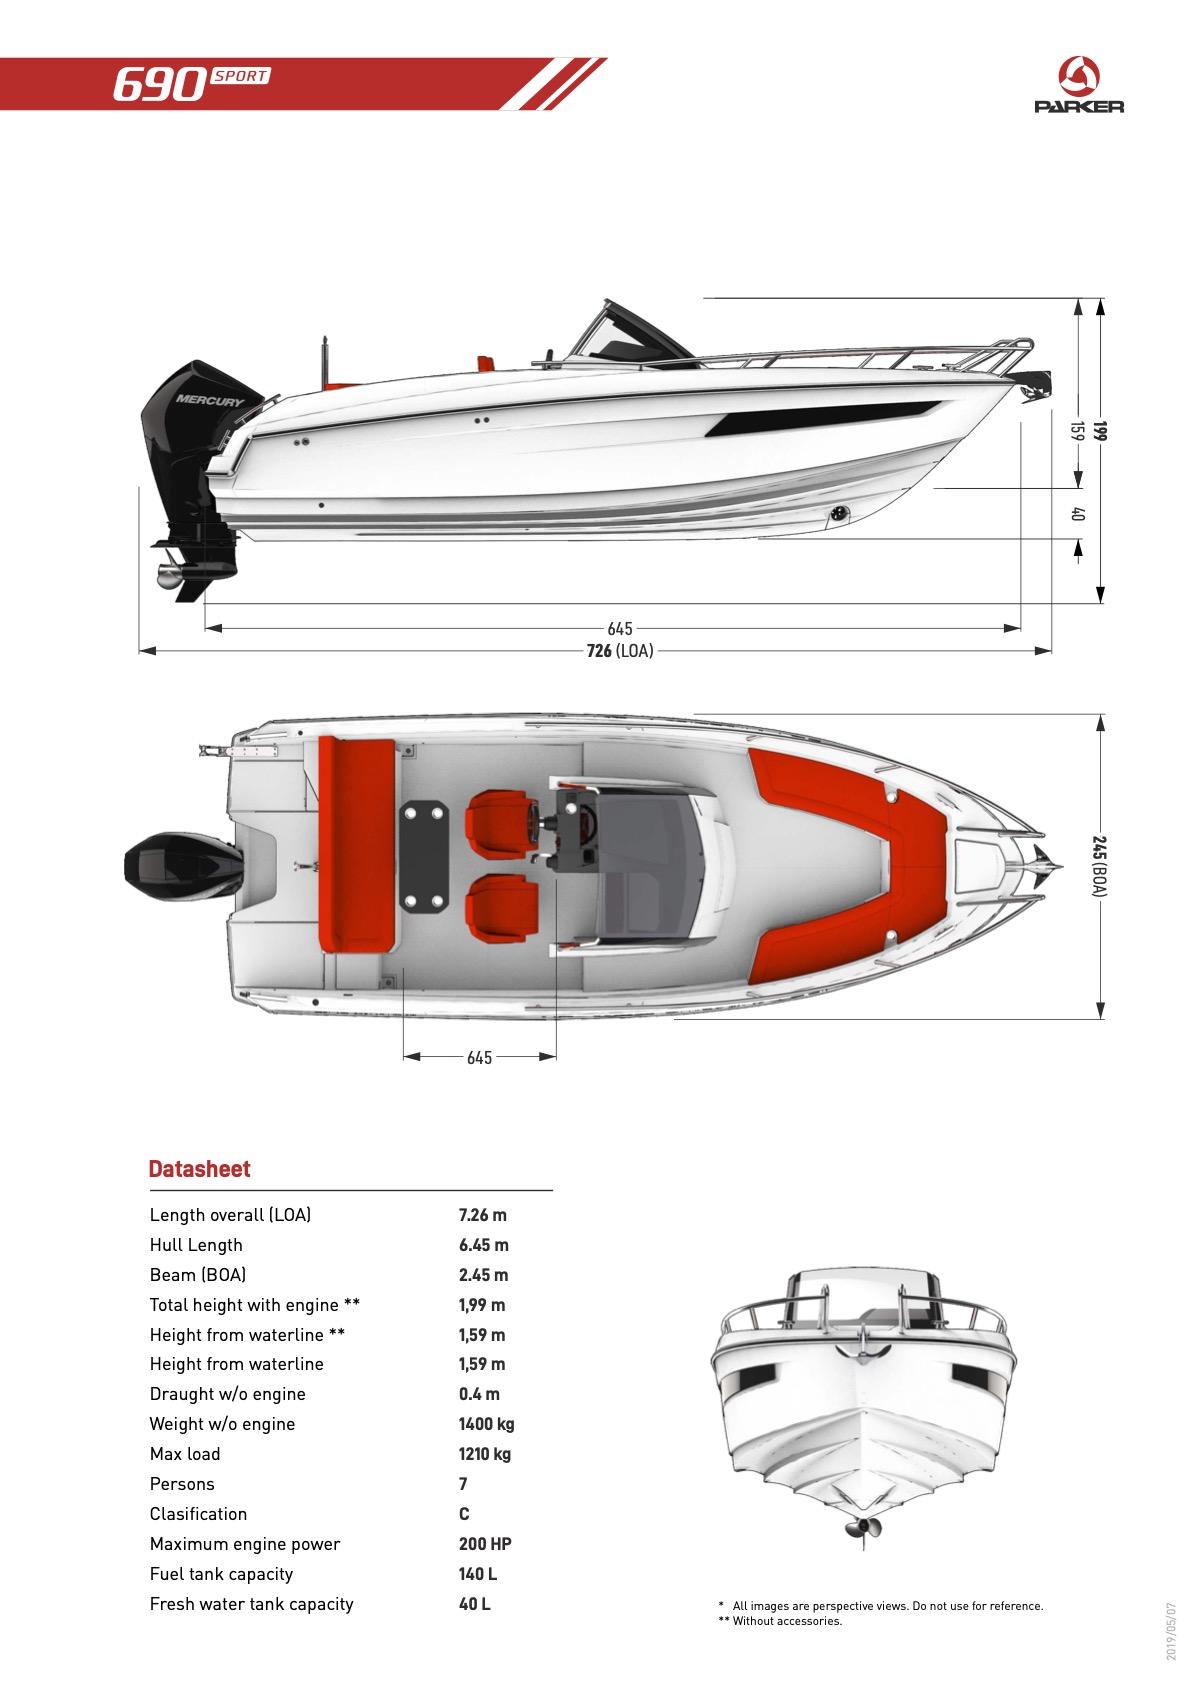 Parker 690 Sport plan de pont